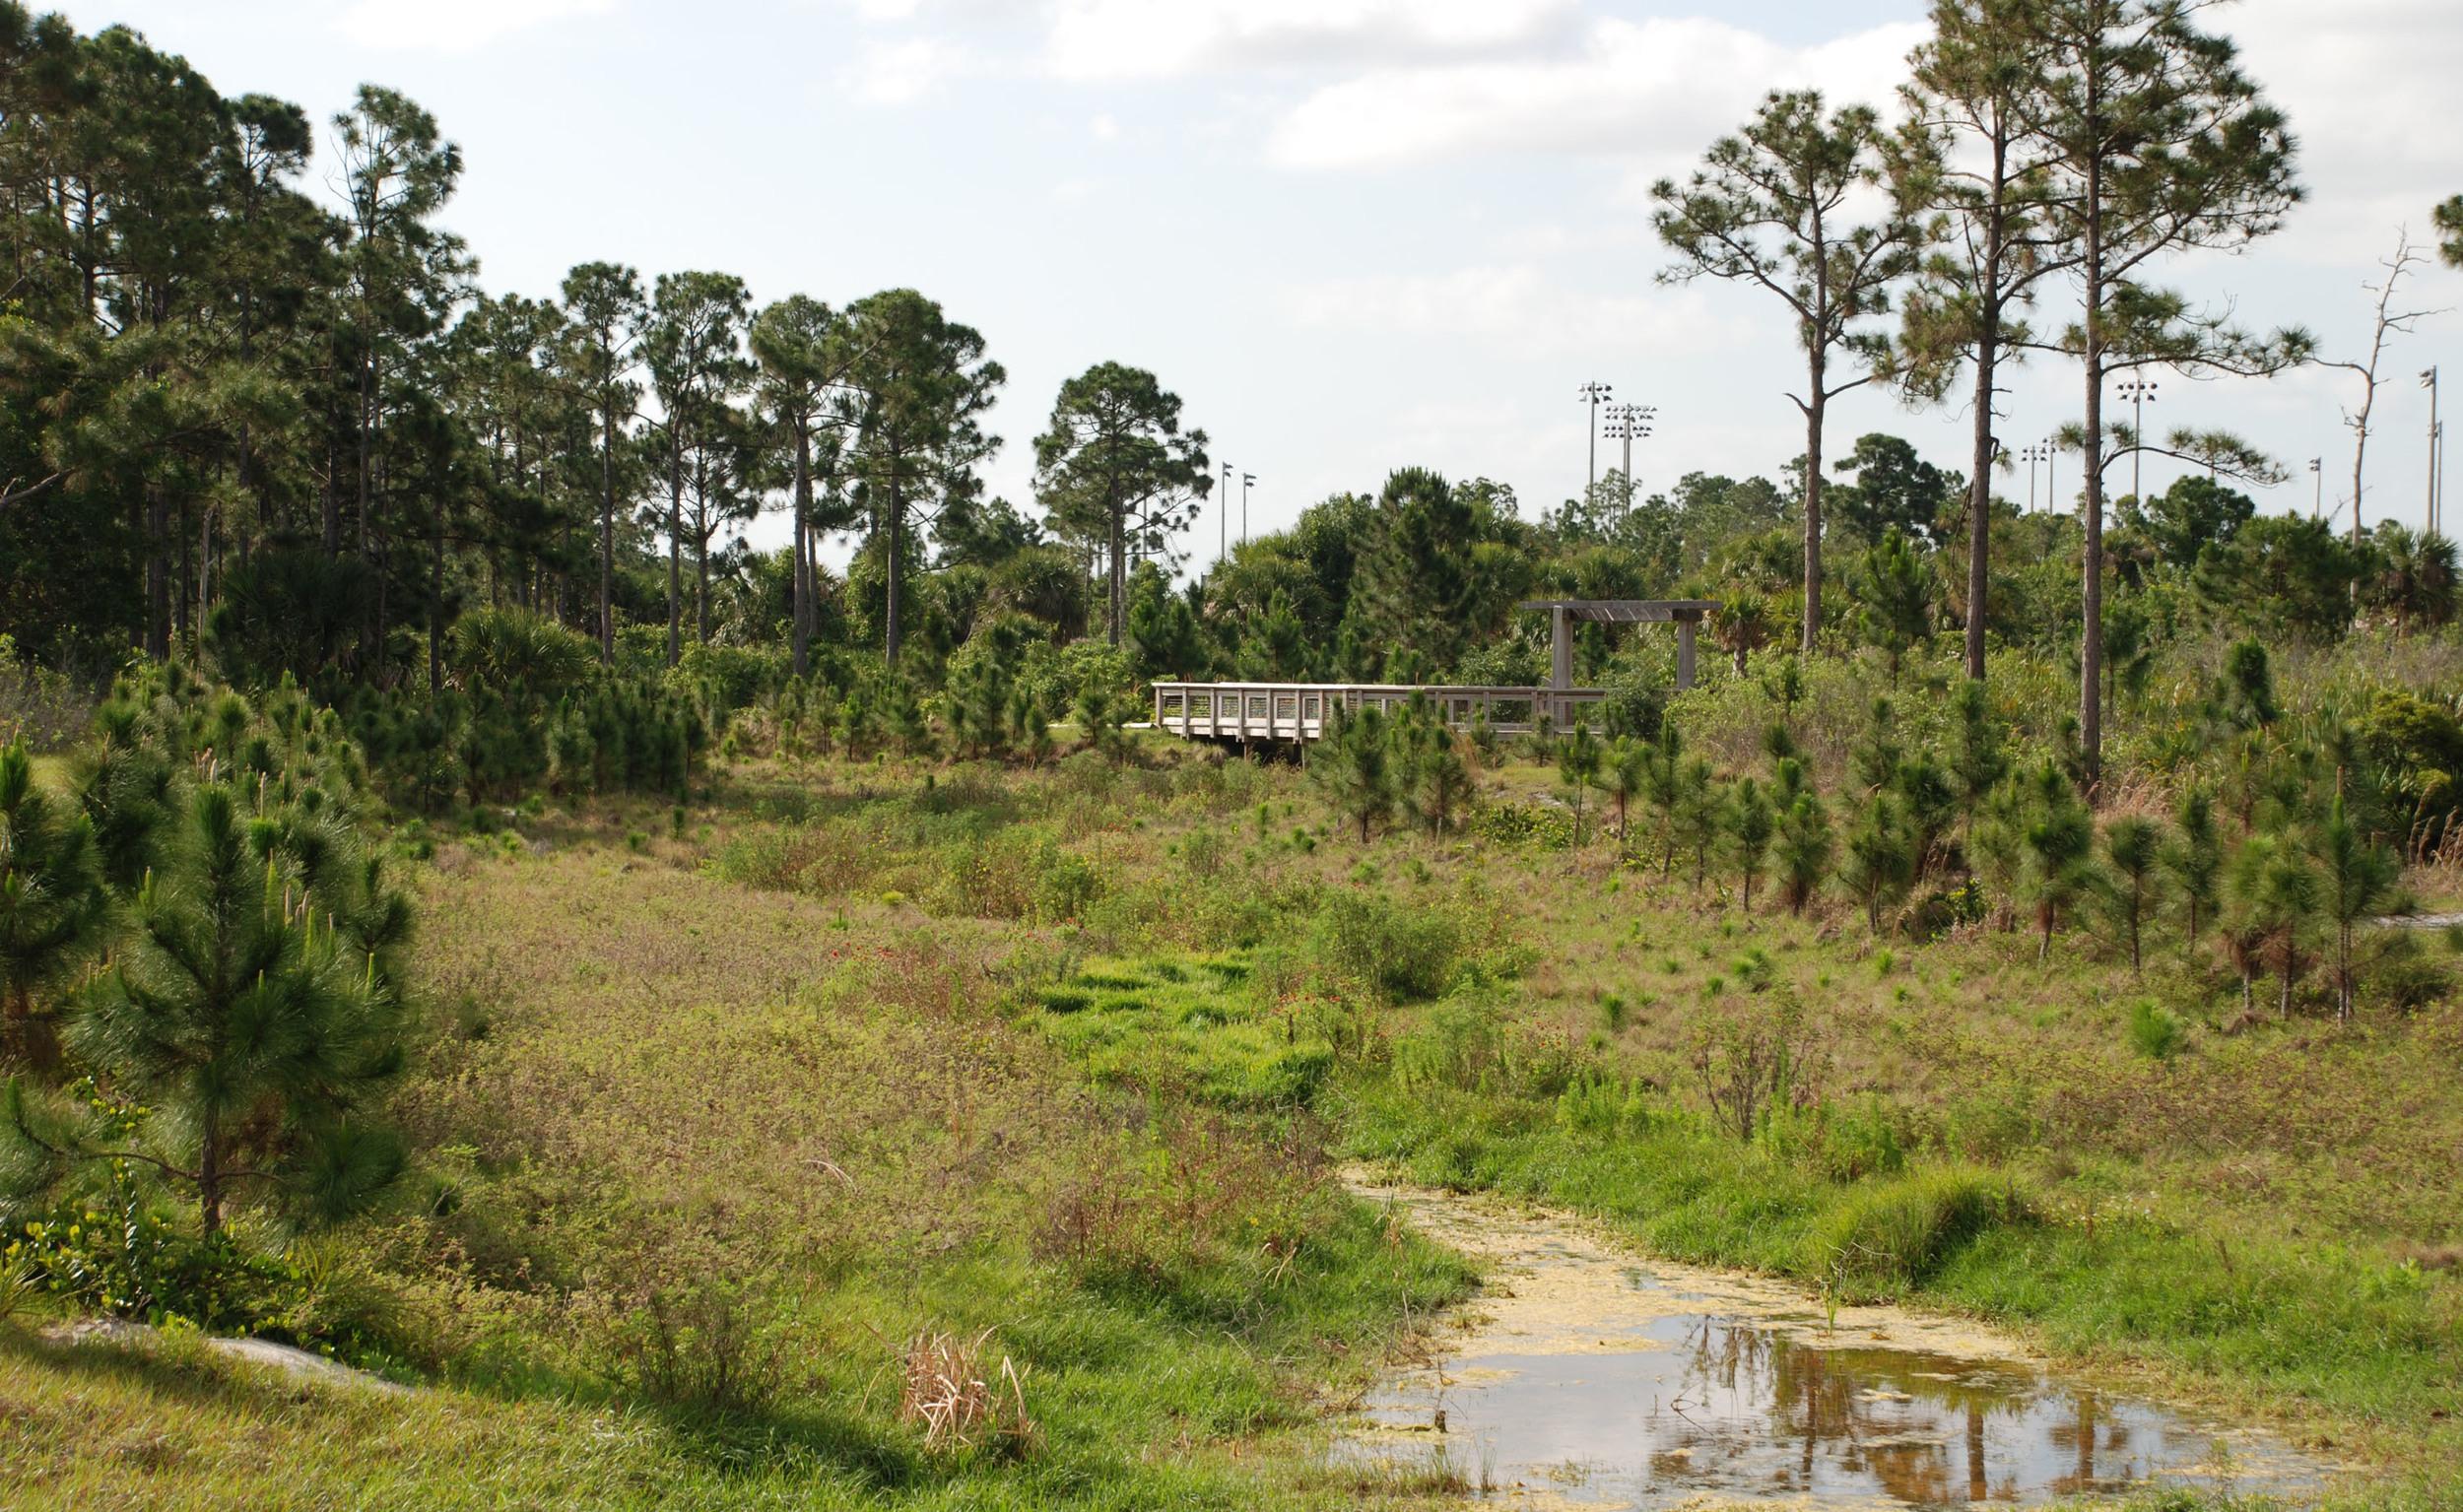 Abacoa Greenway Pine Flatwoods.jpg